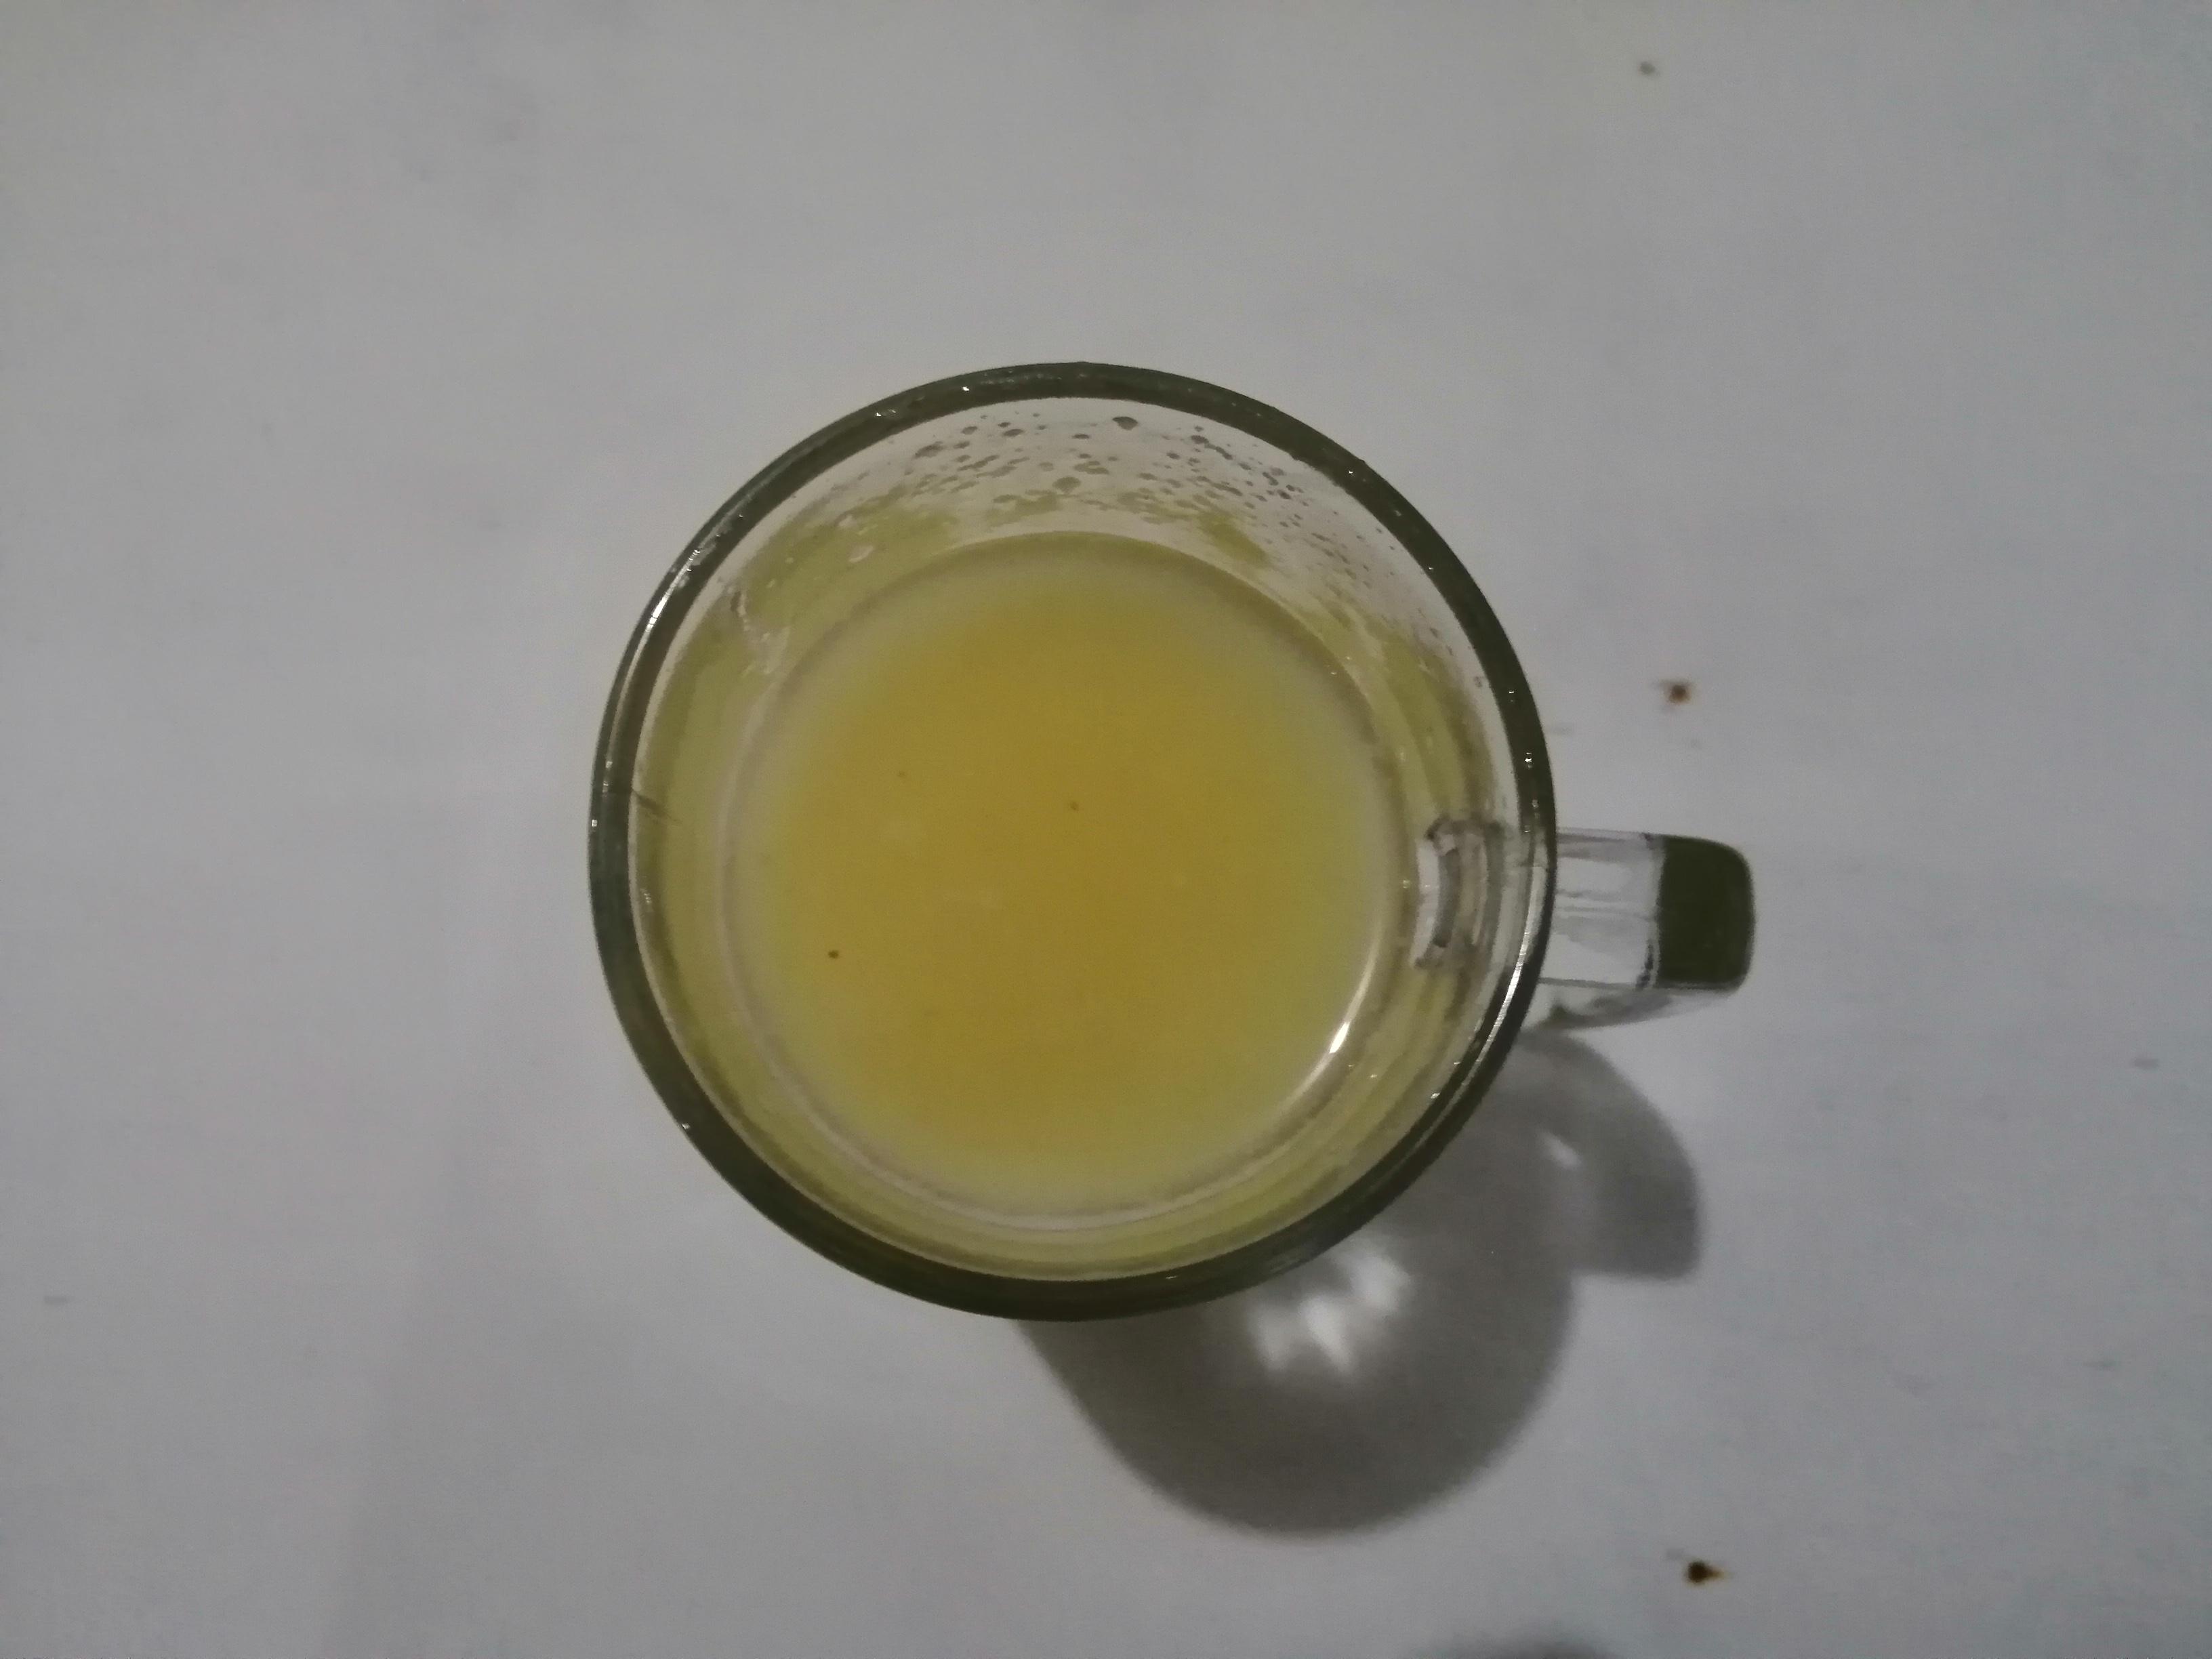 Pulqueria-el-lagarto-toluca-la-bella-cd3.